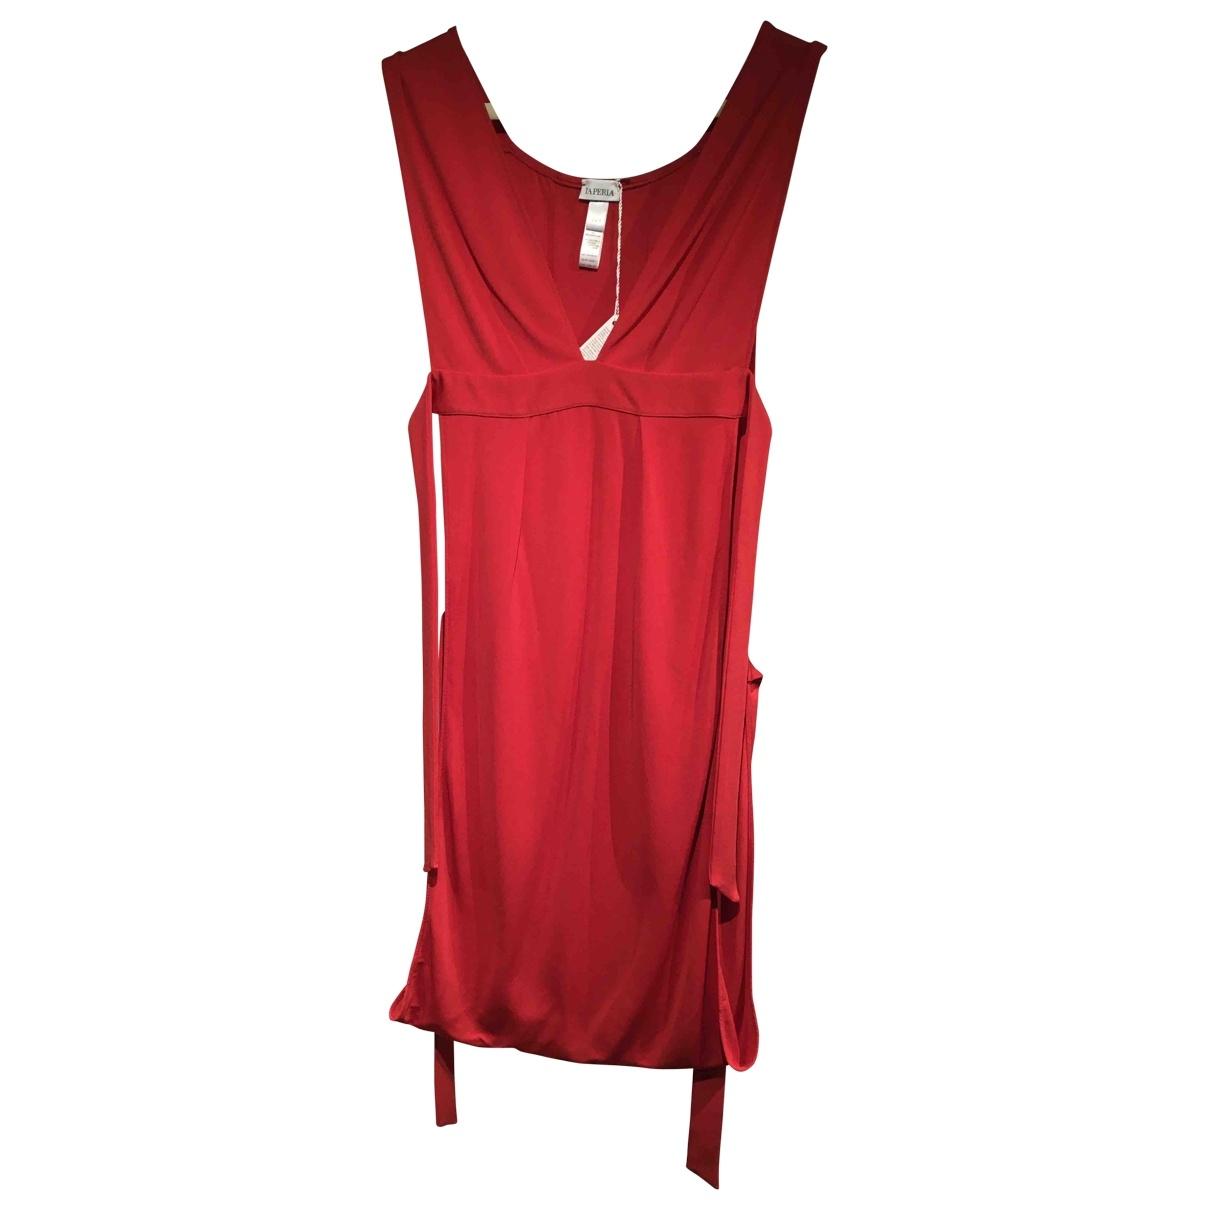 La Perla - Robe   pour femme - rouge